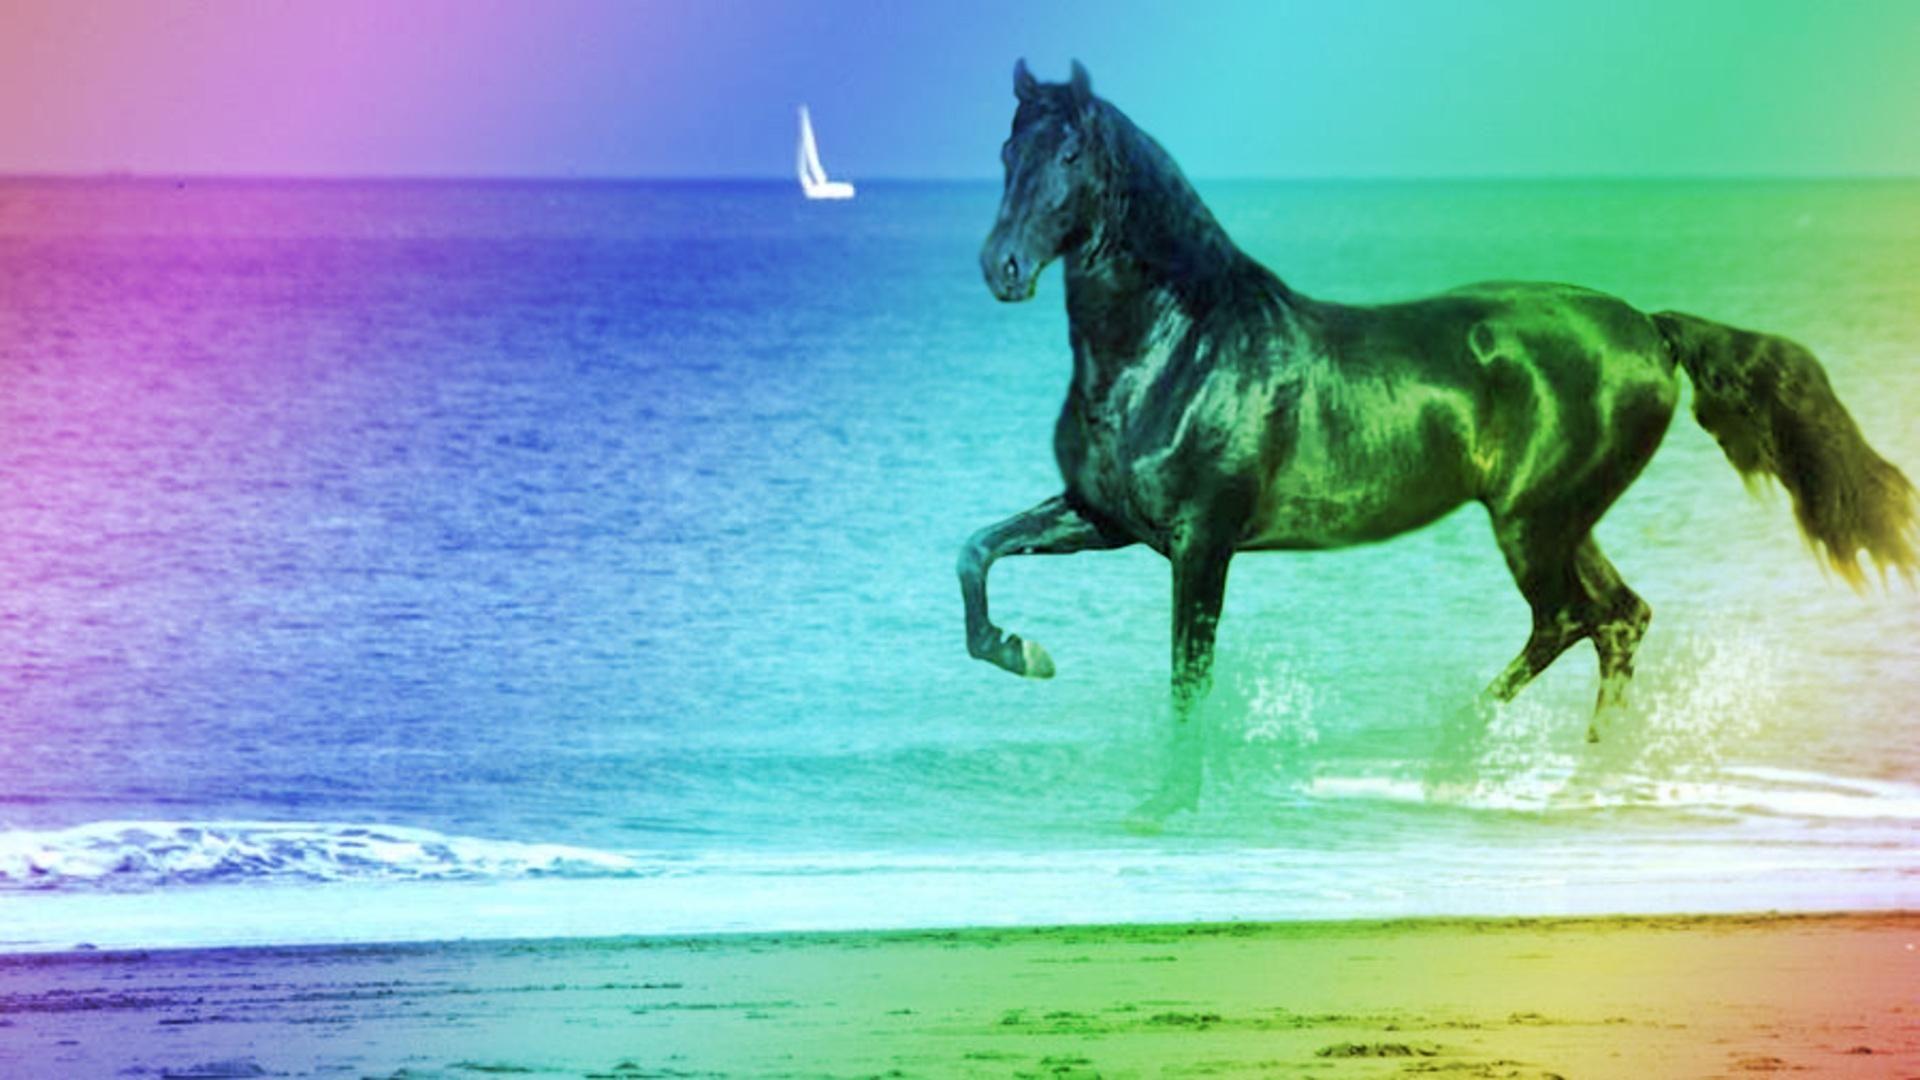 Good Wallpaper Horse Ocean - 4f8bec3068bfc0339db2c9253c0a9cb3  You Should Have_569142.jpg